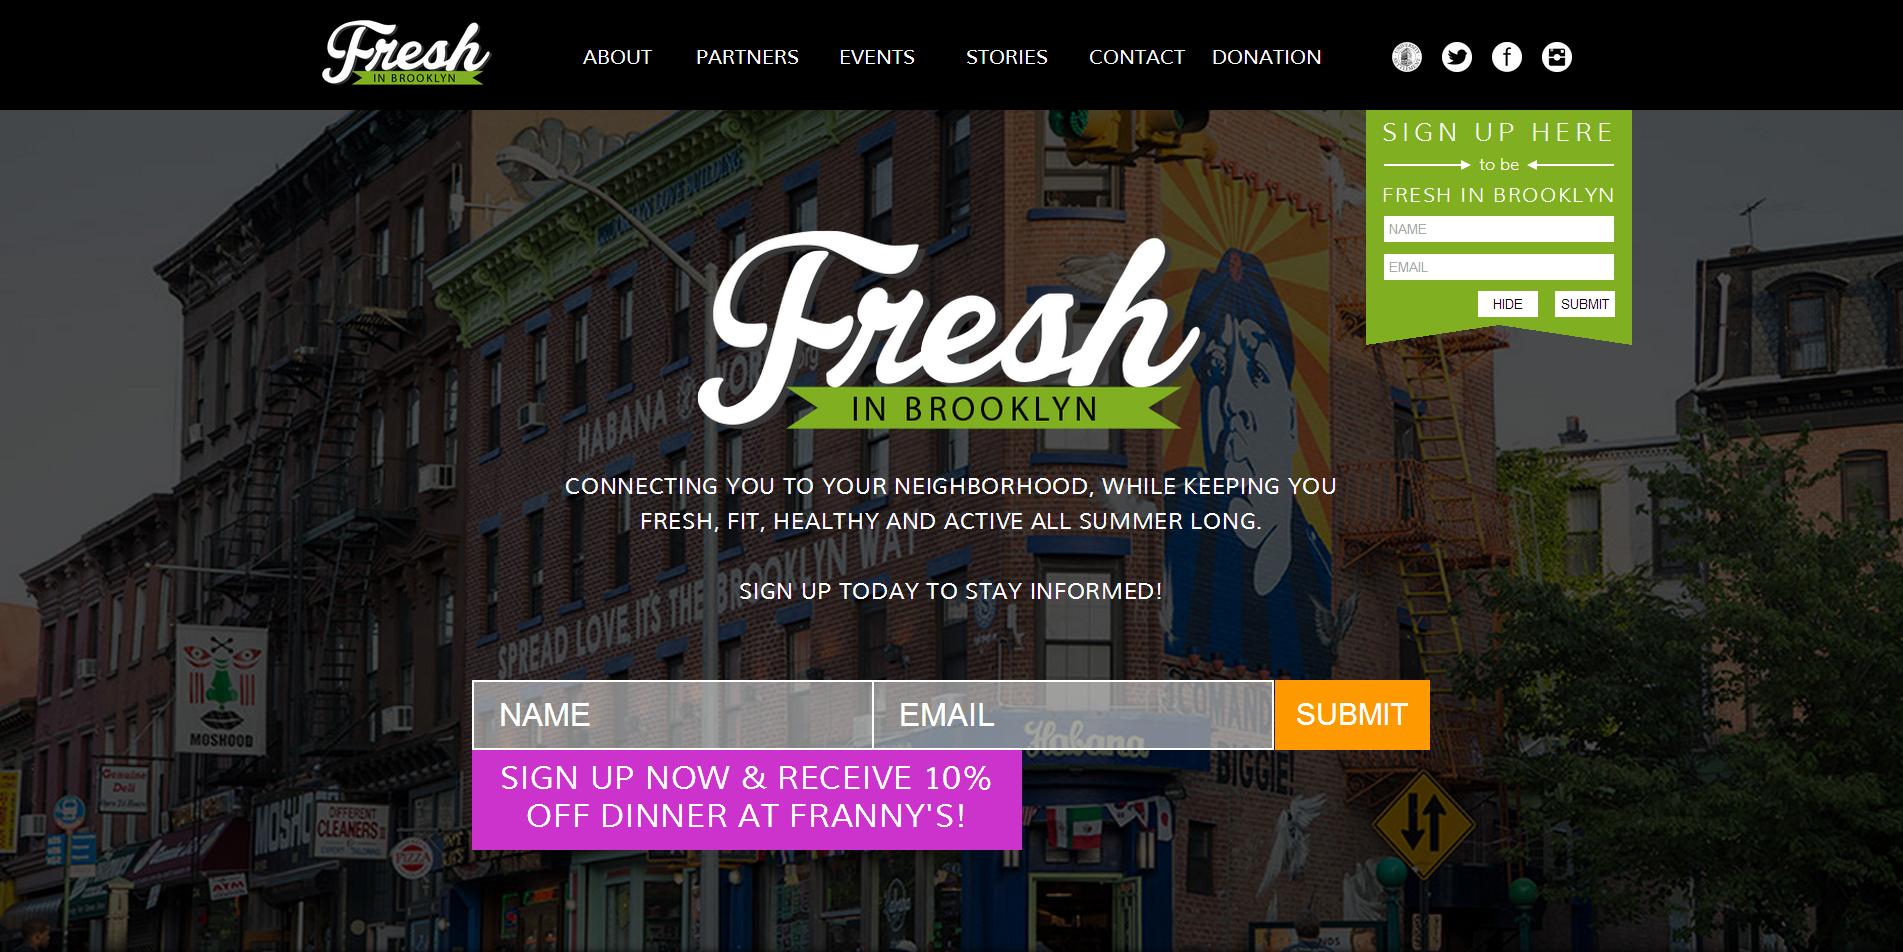 freshinbrooklyn_org